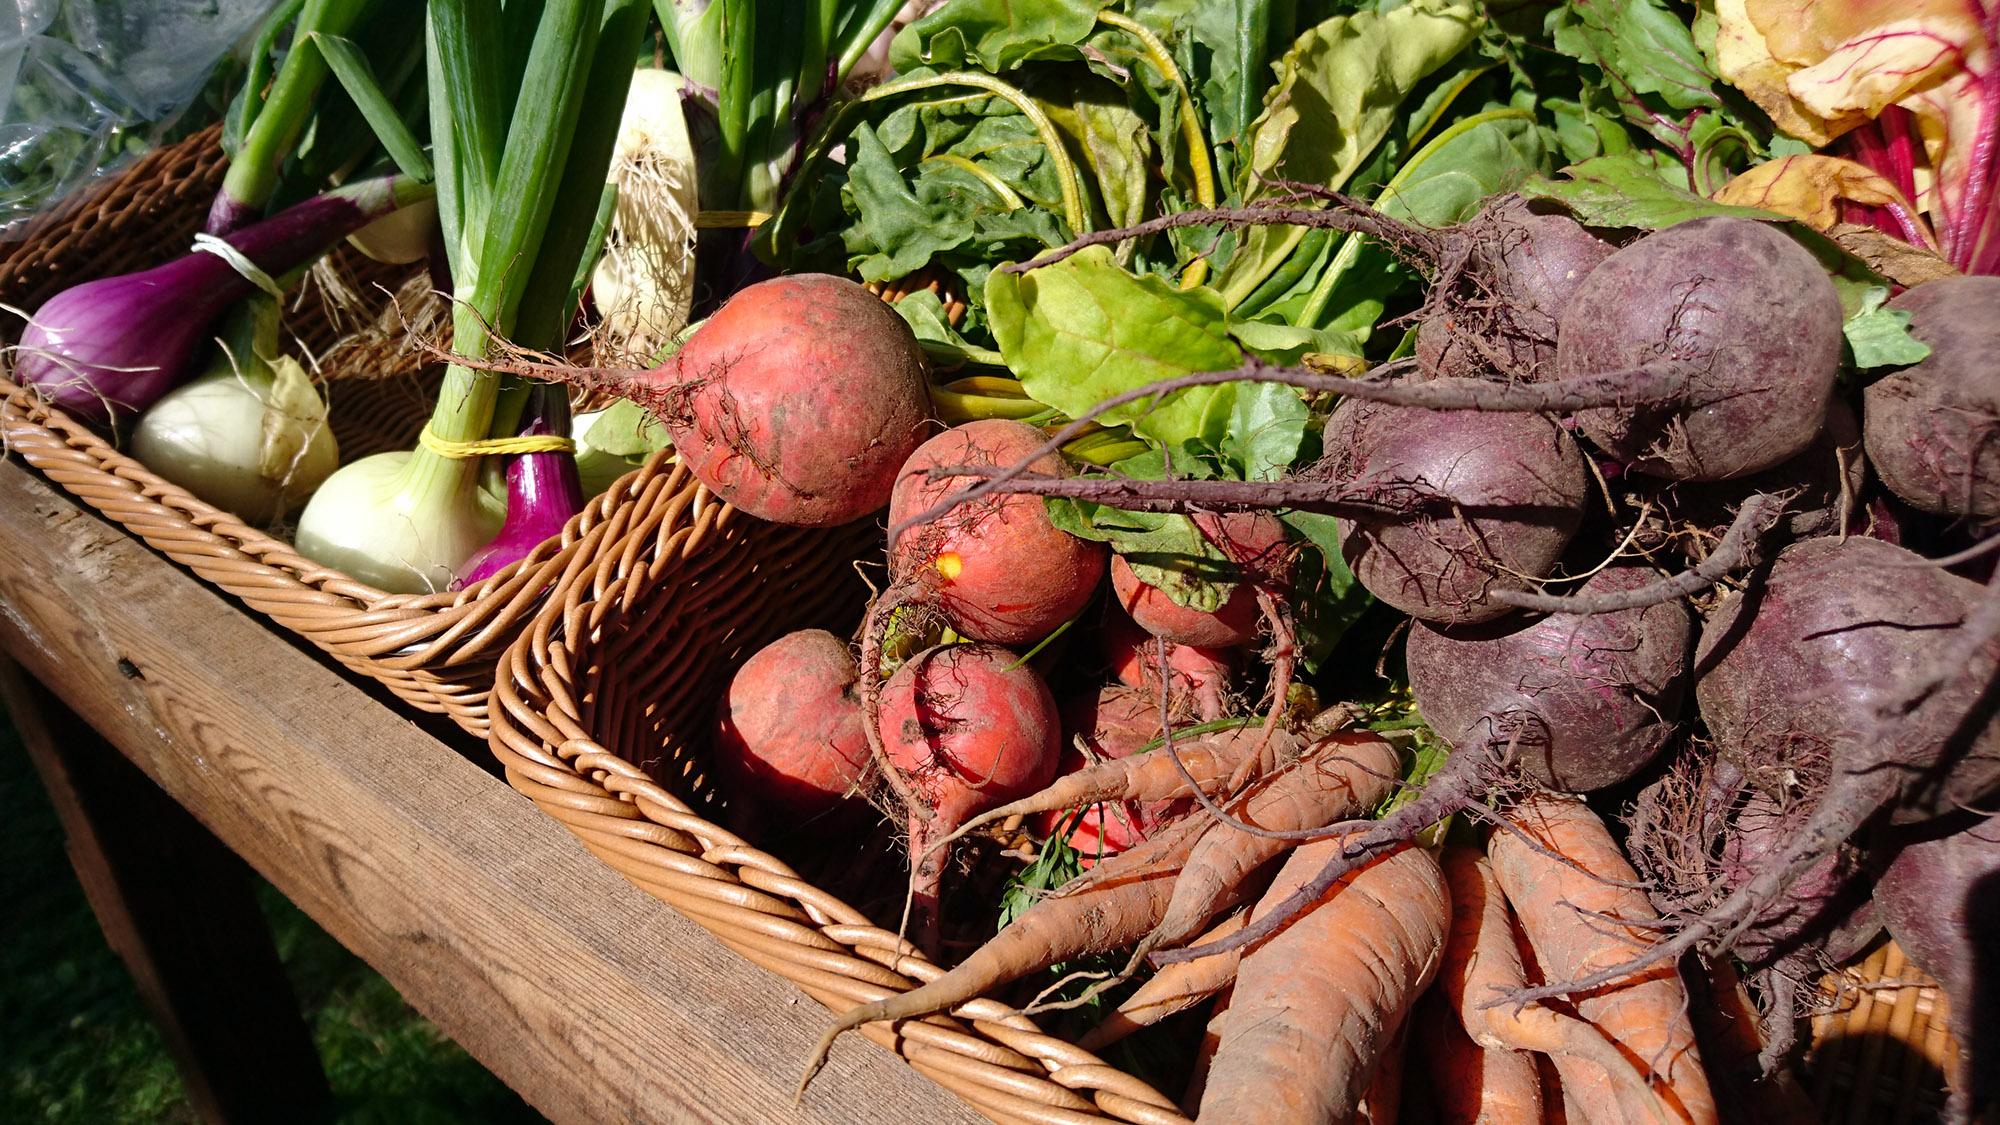 Ekologiska rödbetor, gulbetor och morötter kostar 20 kr bunten. Röd och gul lök 15 kr knippet.